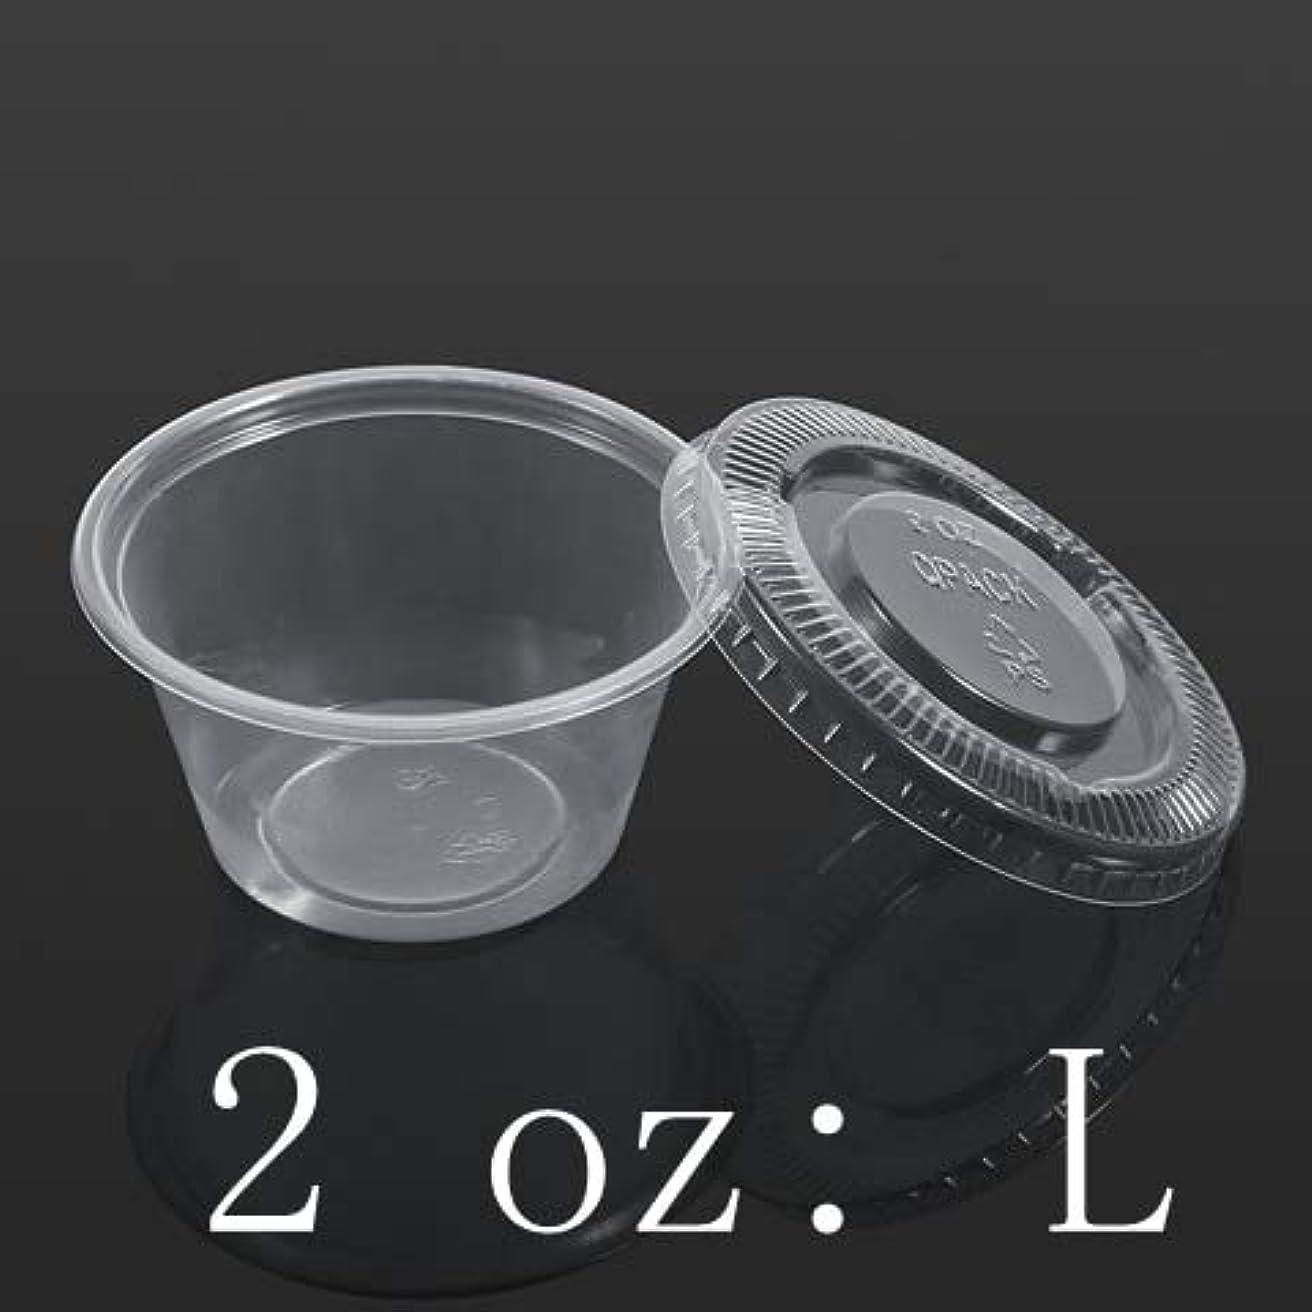 パシフィック説教句Maxcrestas - 蓋食品テイクアウトでMaxcrestas - 50pcsの醤油カップ使い捨てのプラスチック製のクリアソースチャツネカップボックス